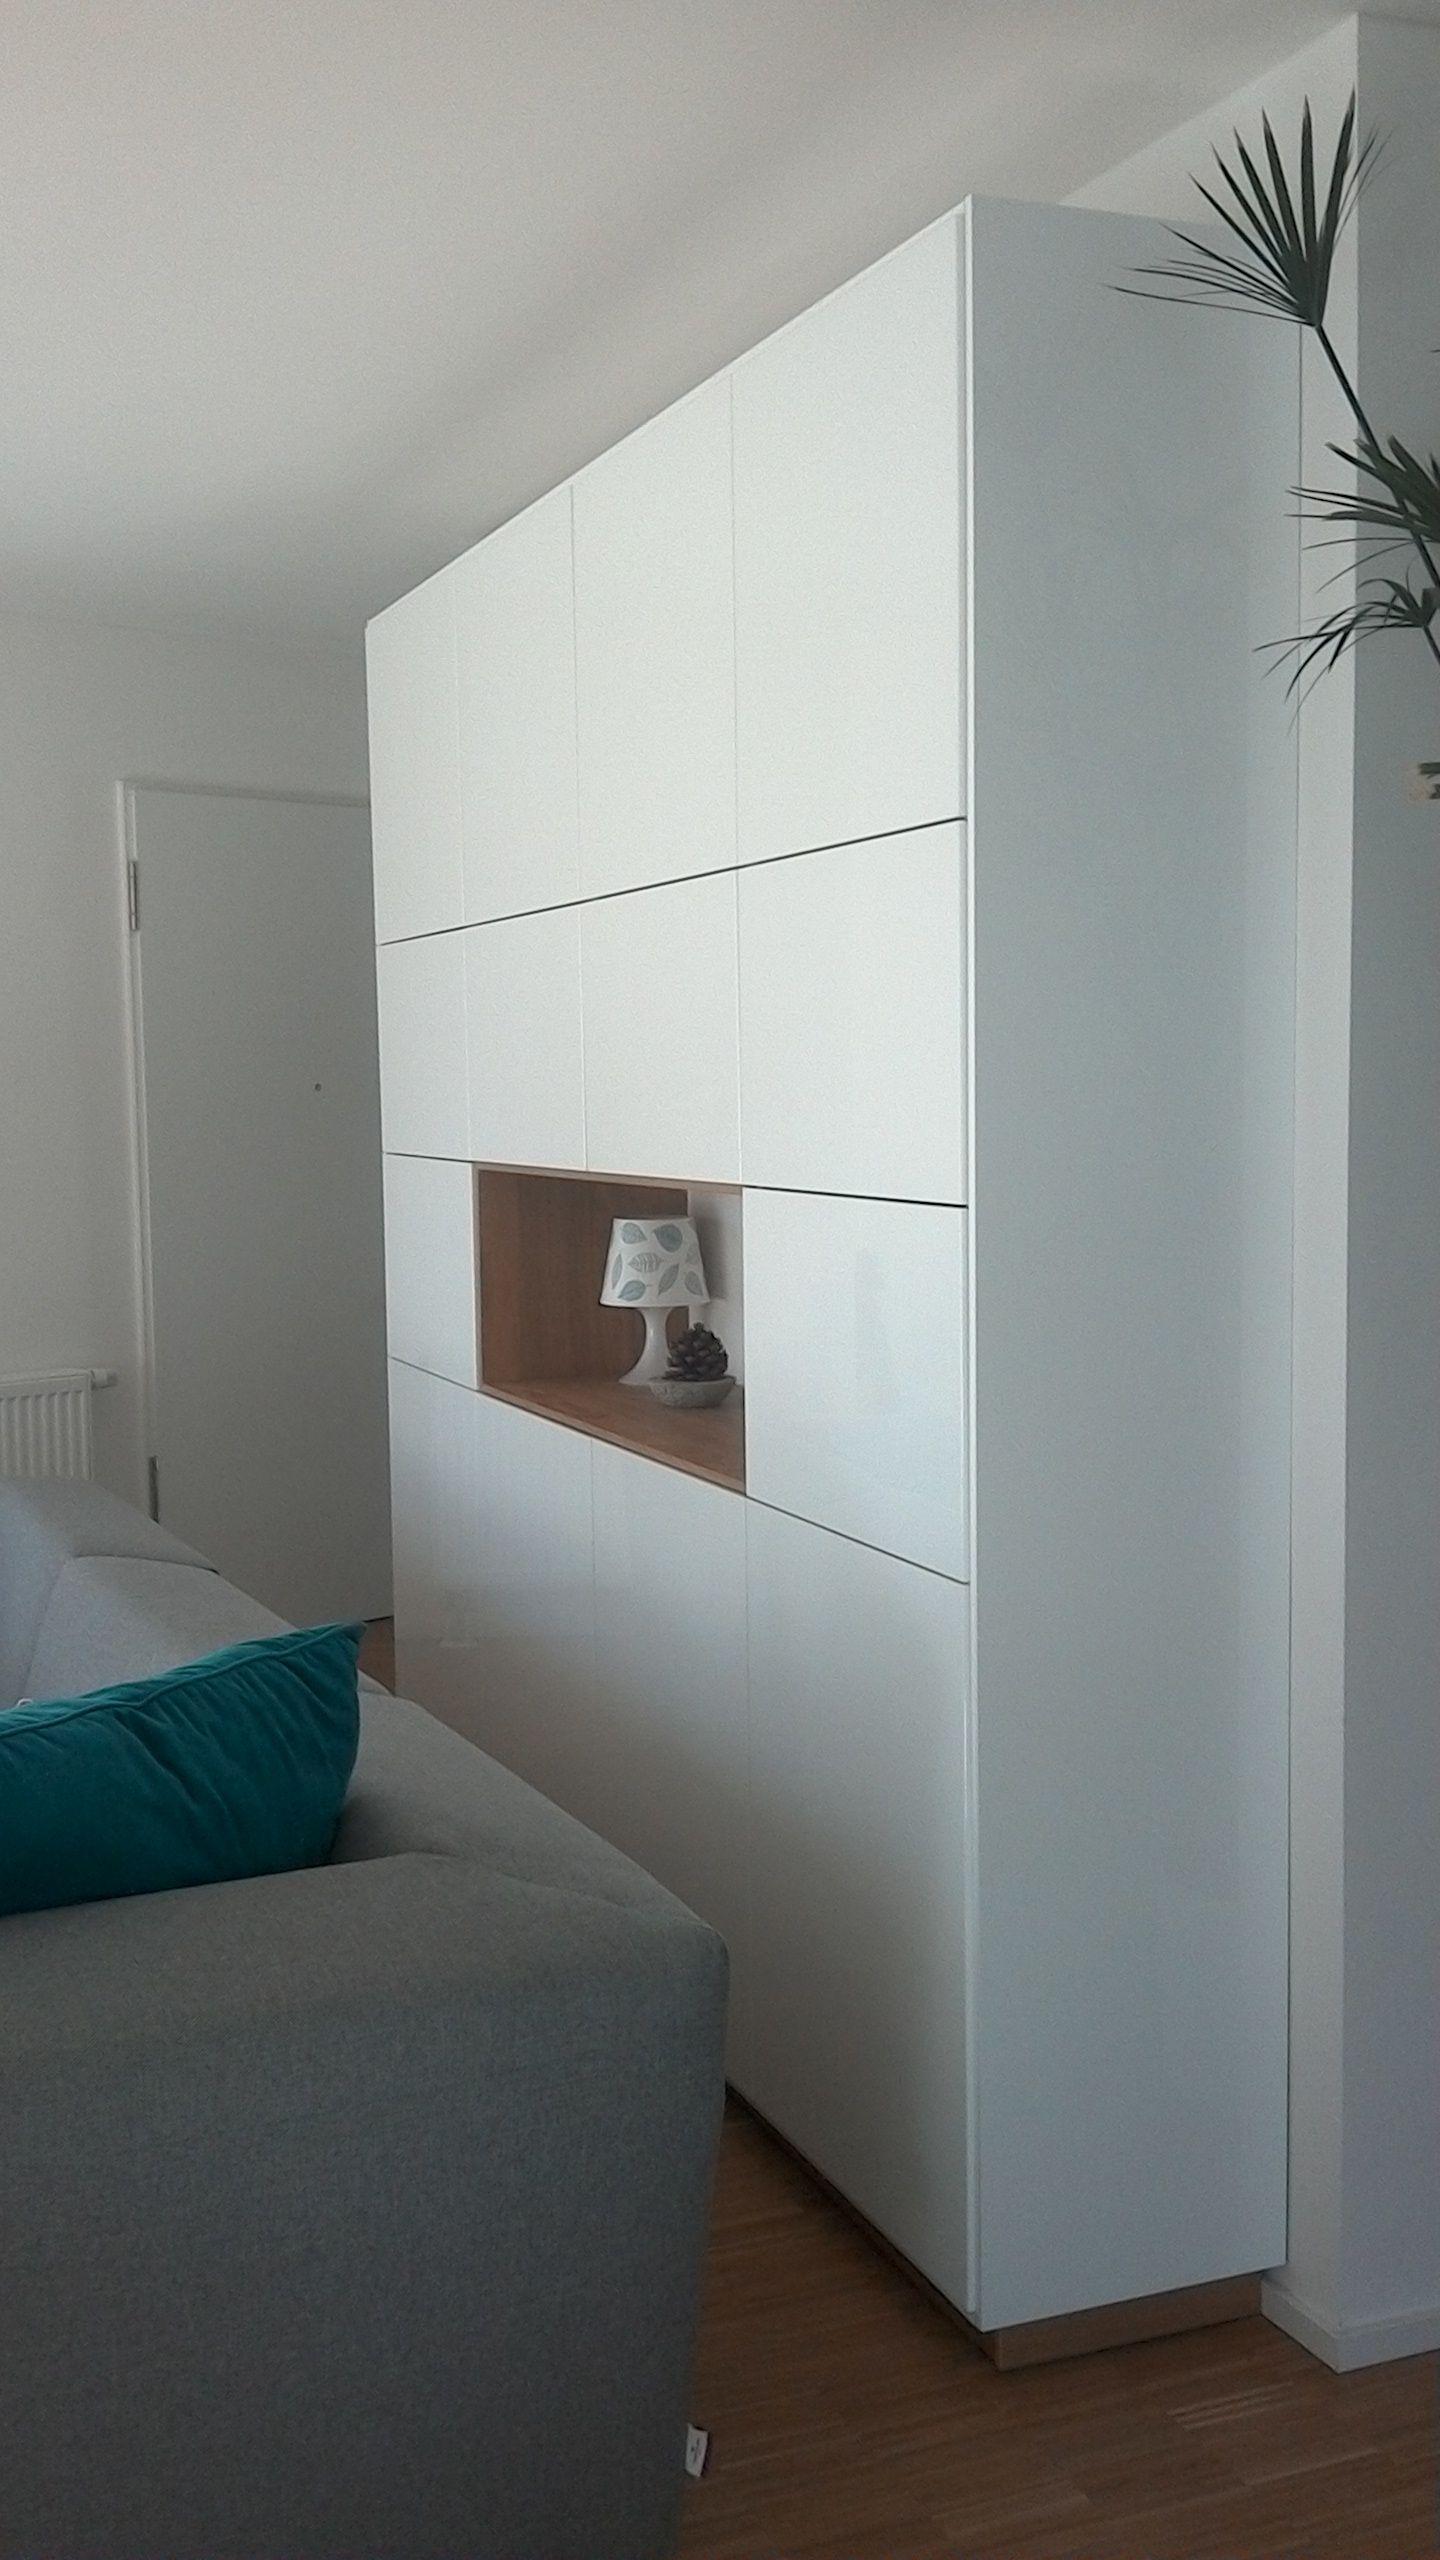 Ikea Method Ringhult plus Hyttan als Wohnzimmerschrank | ikea ...